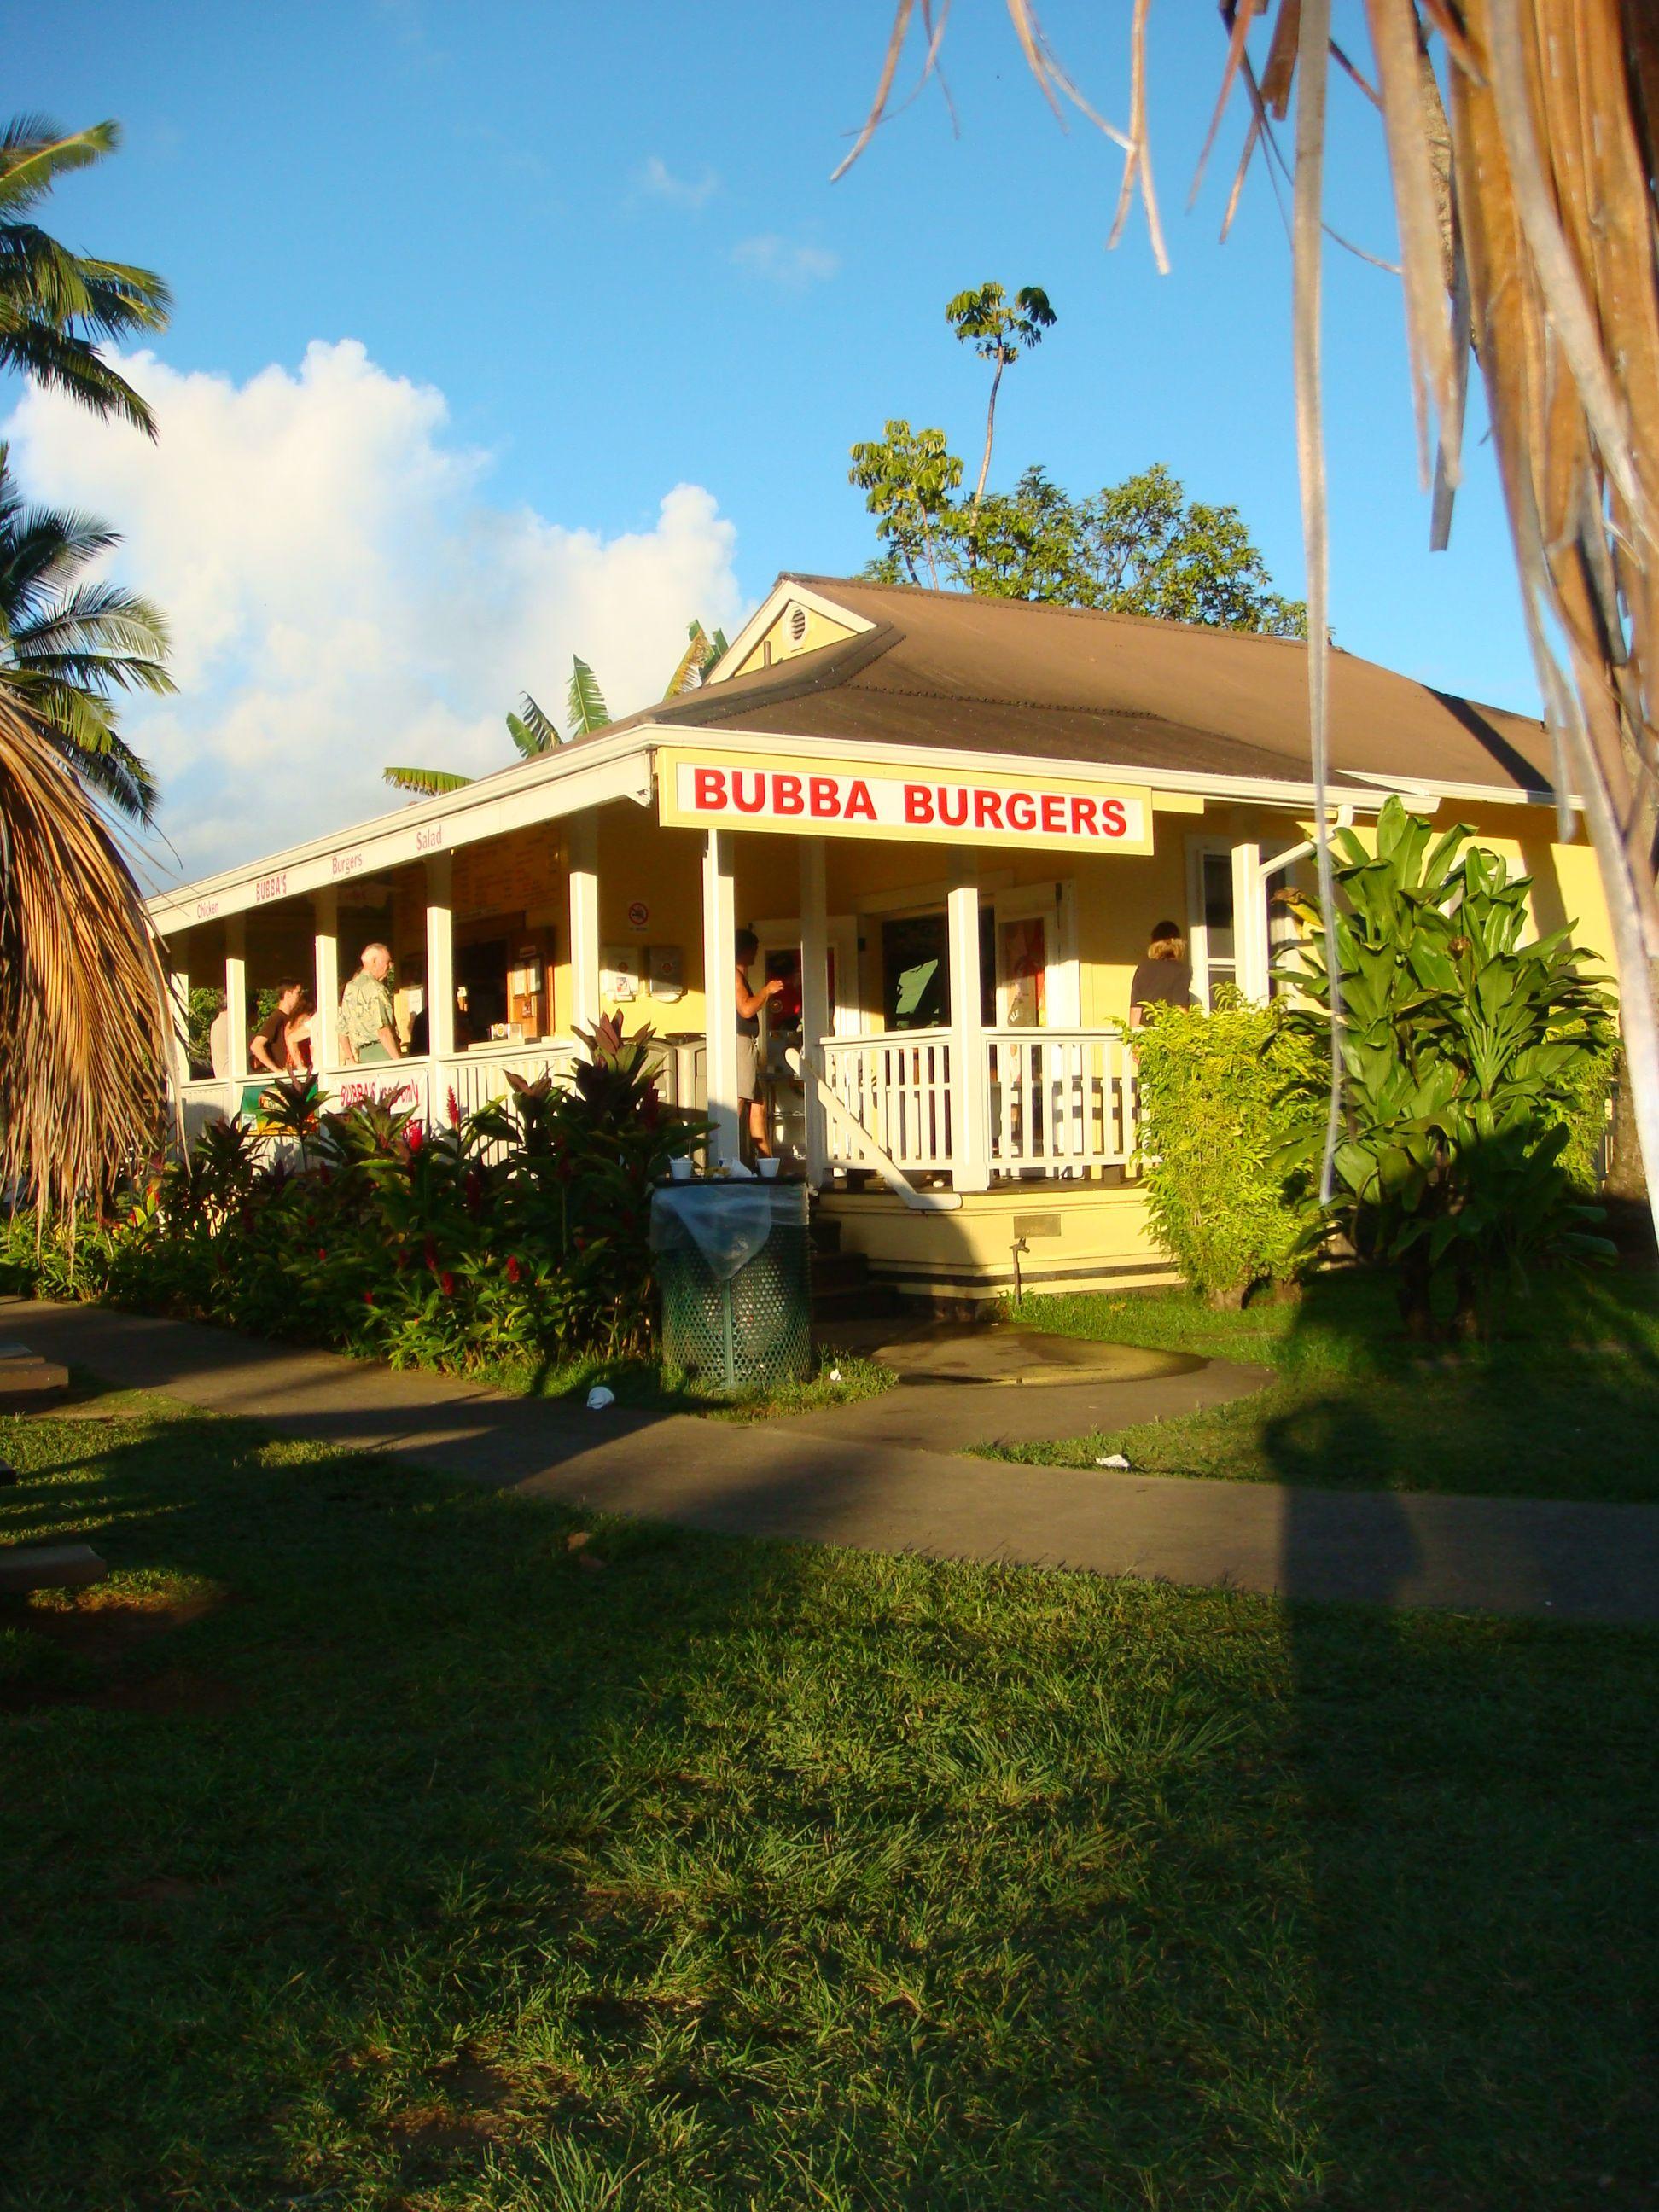 Bubba Burger Hanalei Kauai Kauai Vacation Kauai Kauai Waterfalls